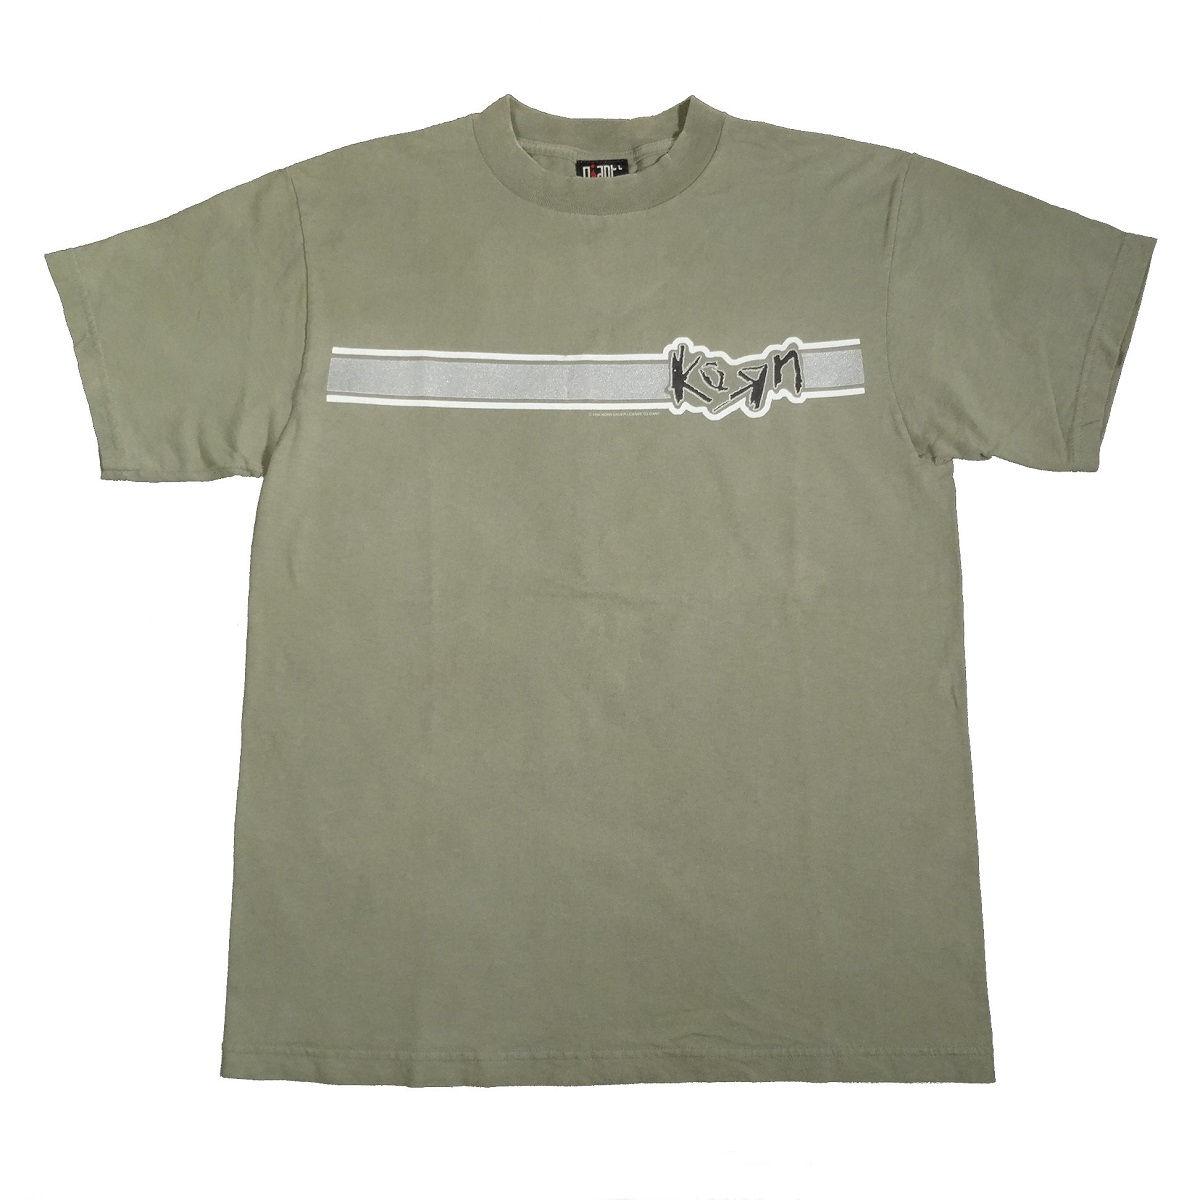 Korn Vintage 1996 T Shirt Front